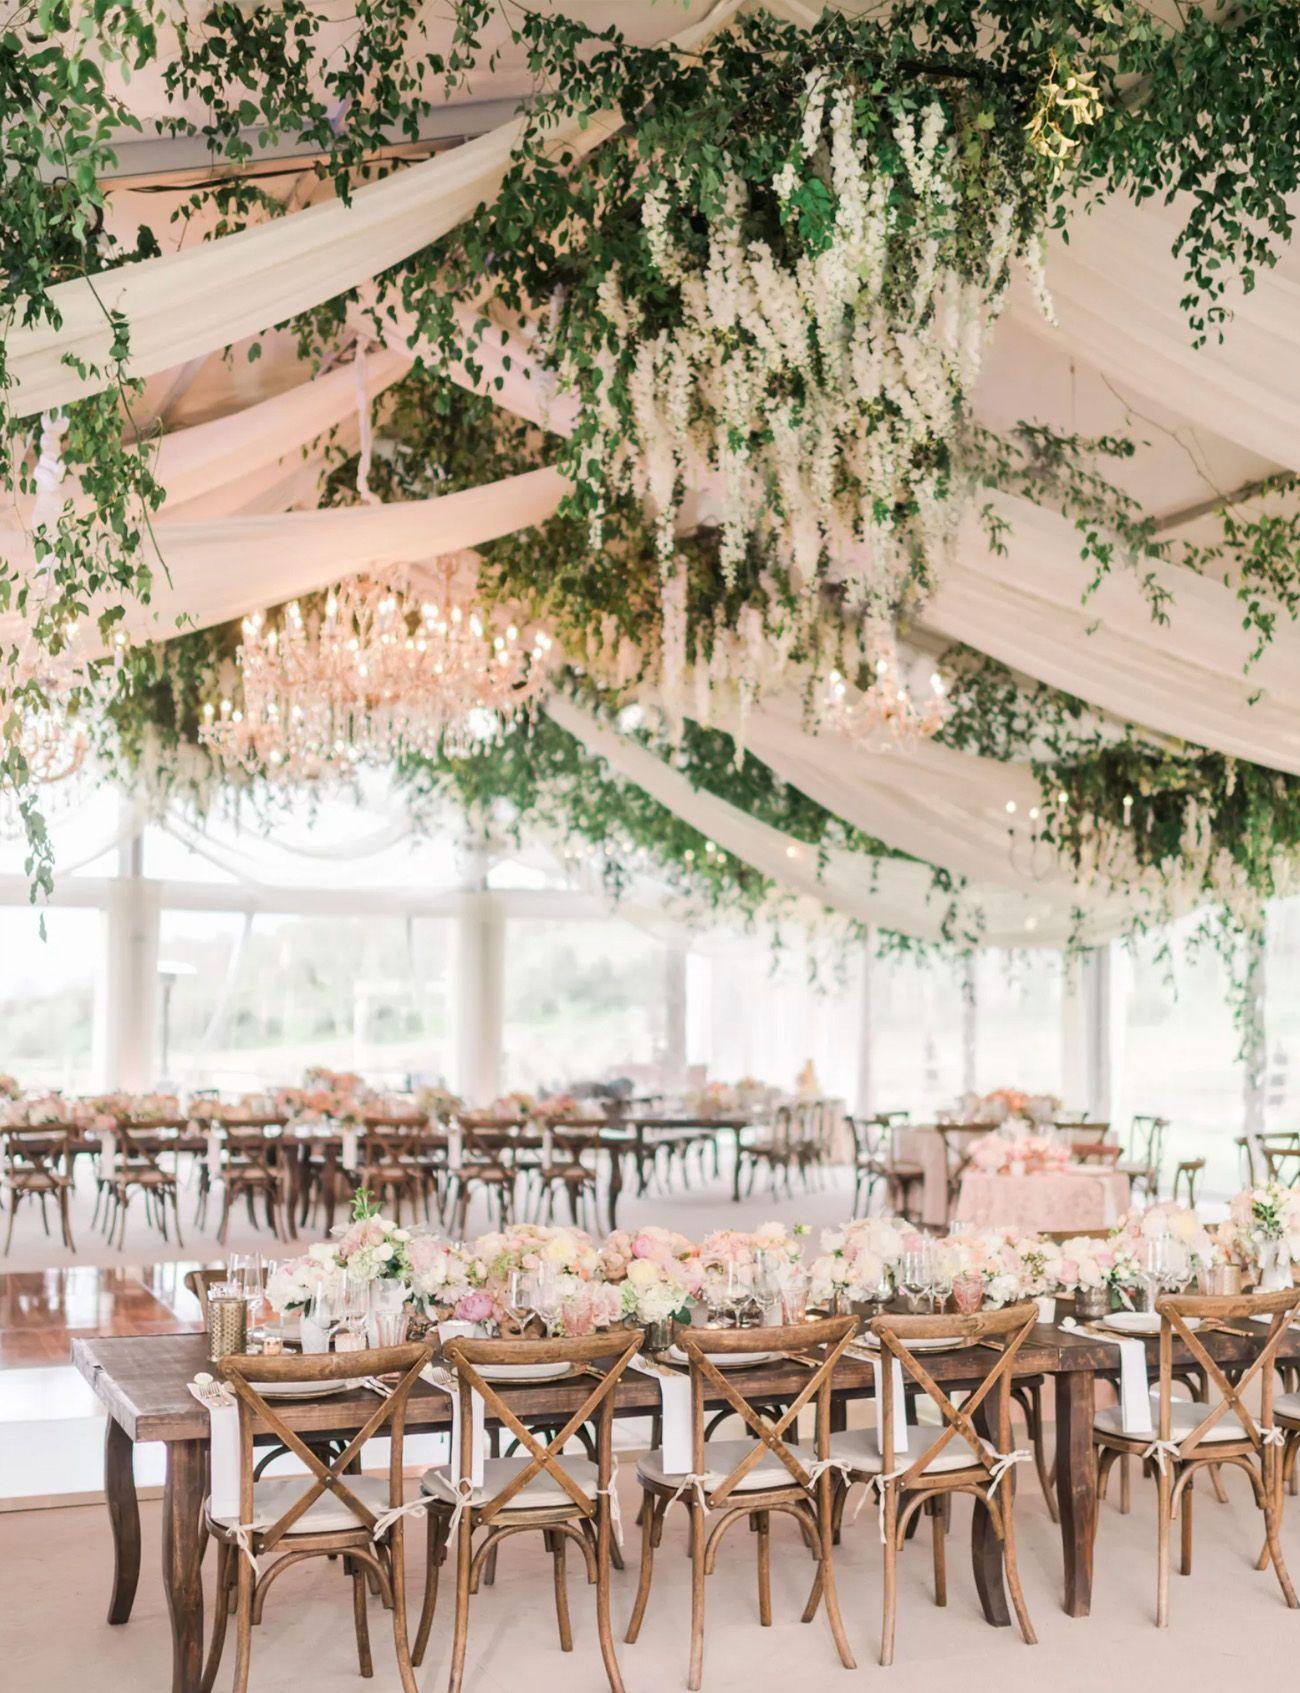 15 Magical Tent Decor Ideas for an Outdoor Wedding